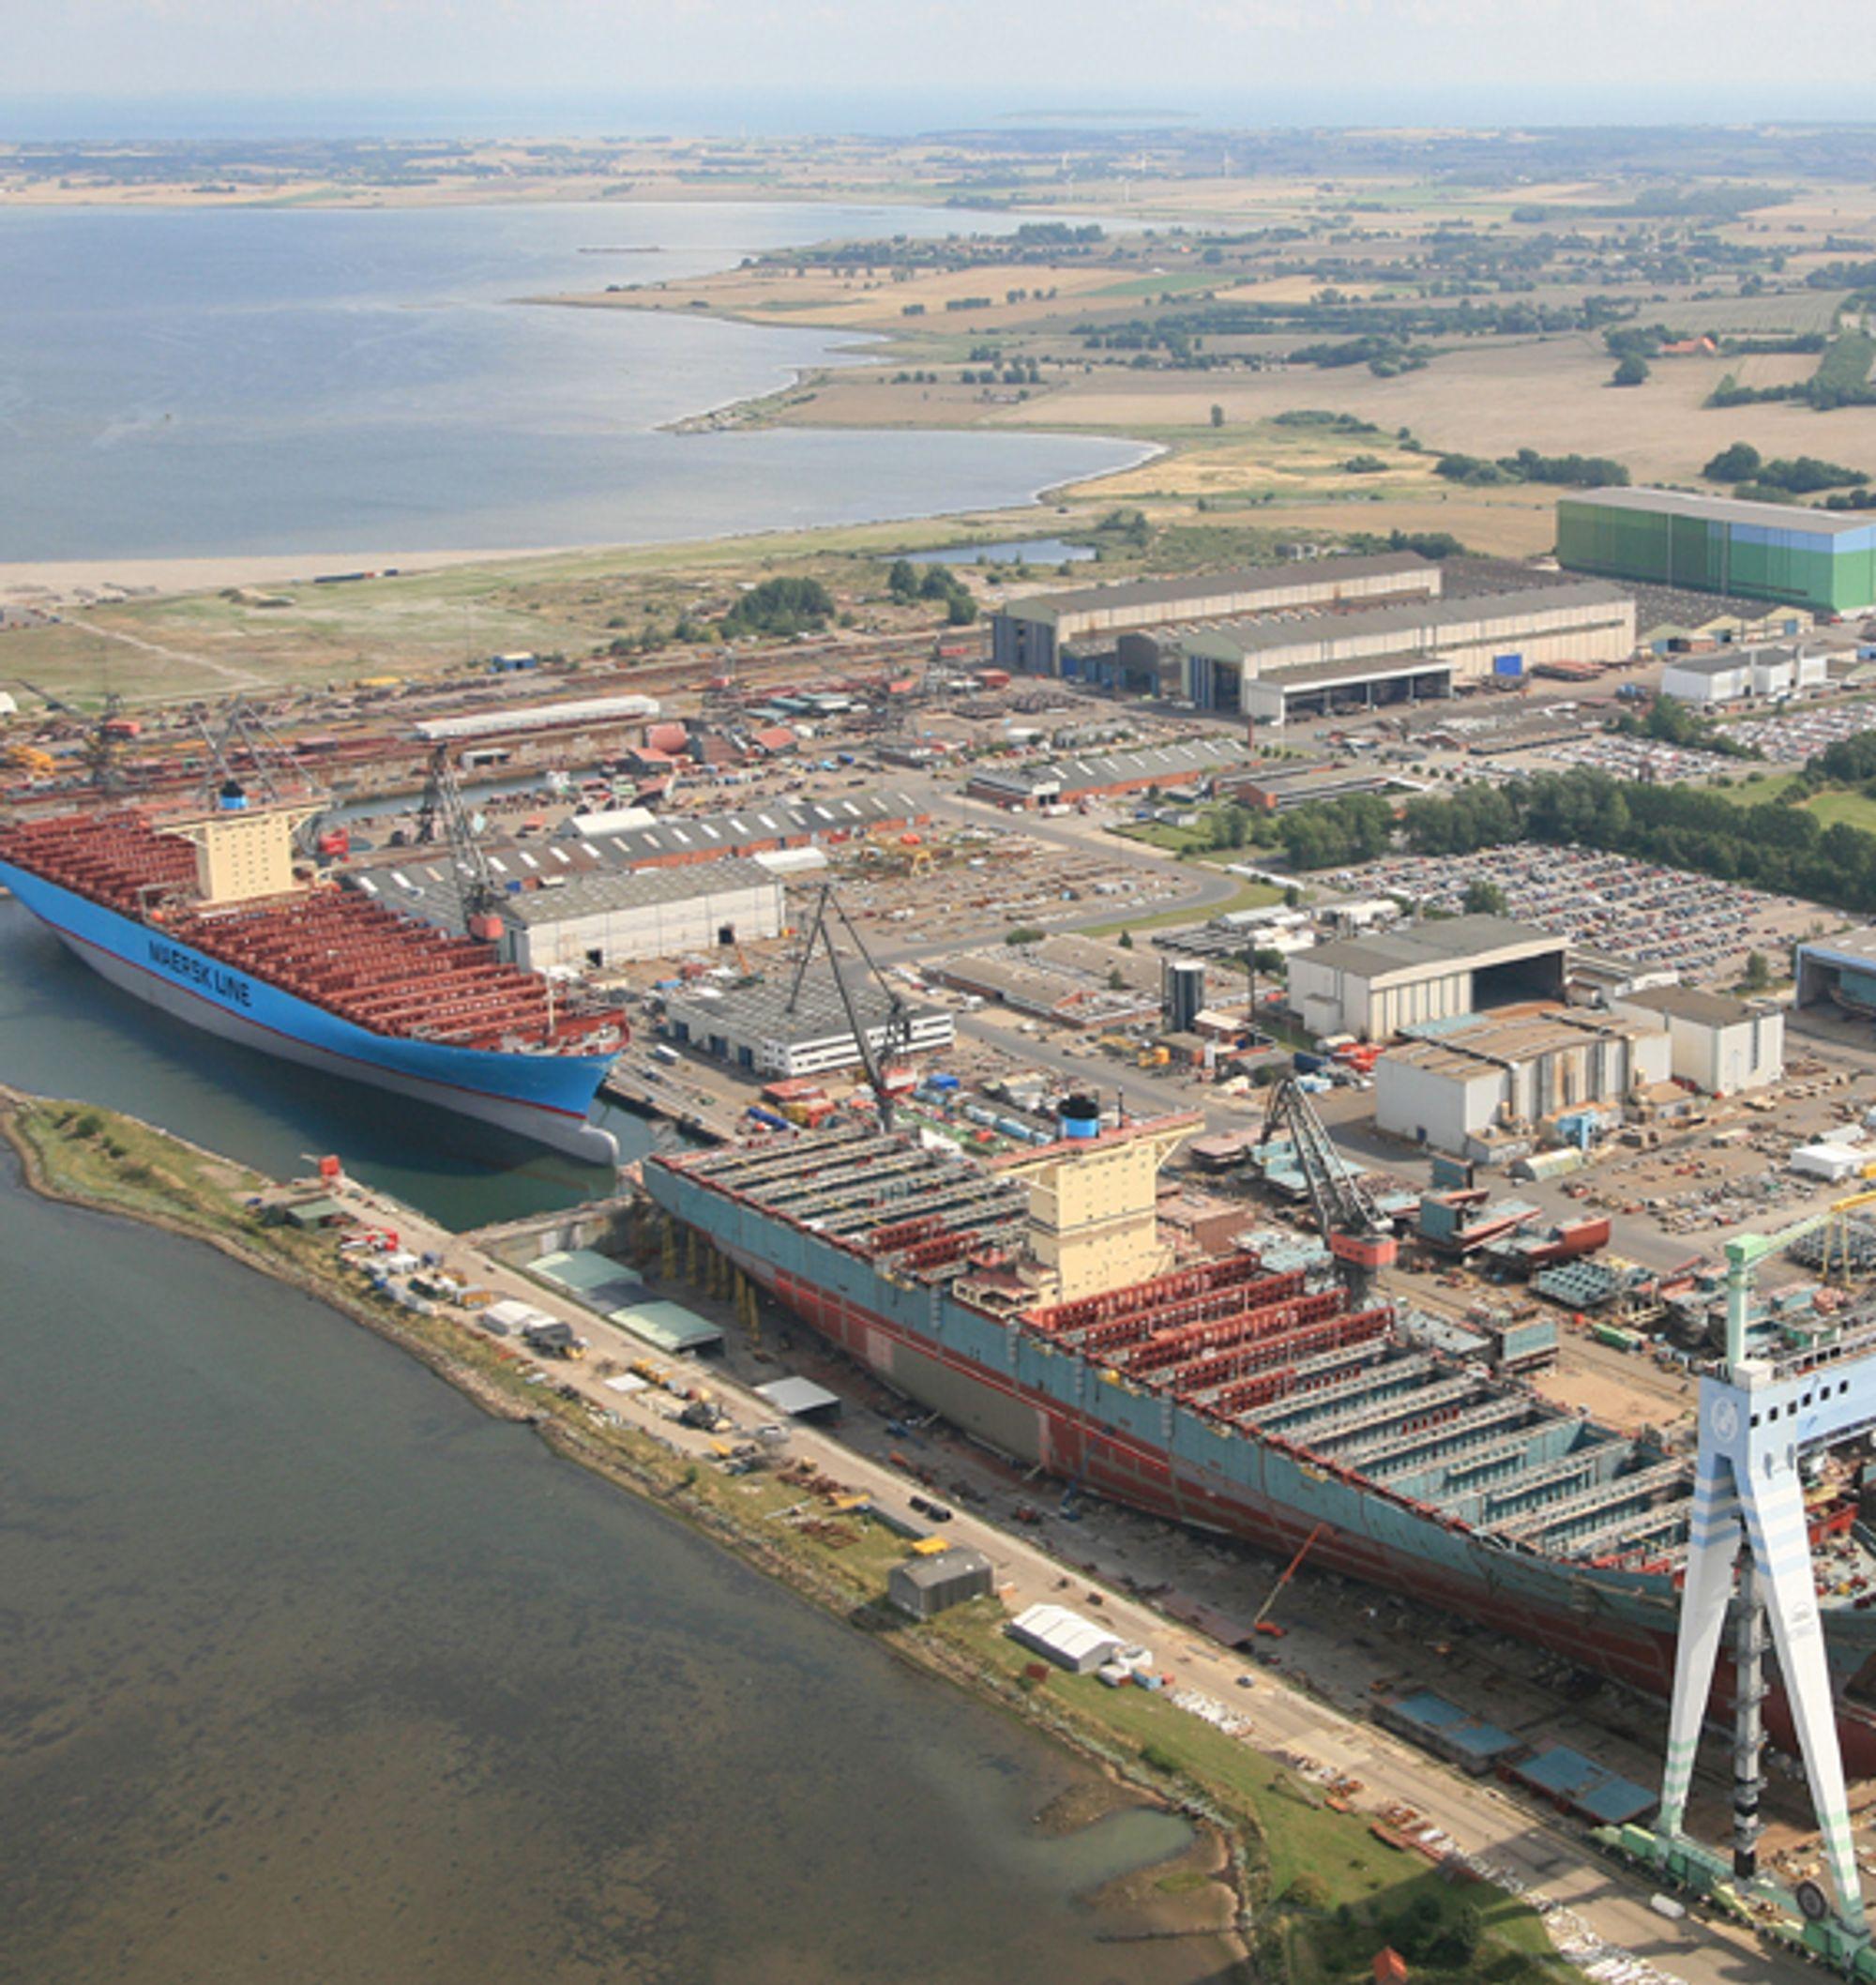 UTLEIE: Det er plass til mange leietakere på Odense Stålskibsverfts område. I 2006 ble verdens største containerskip bygget her. Nå skal det bare bygges mindre skip. Det blir mye som kan leies ut av området.